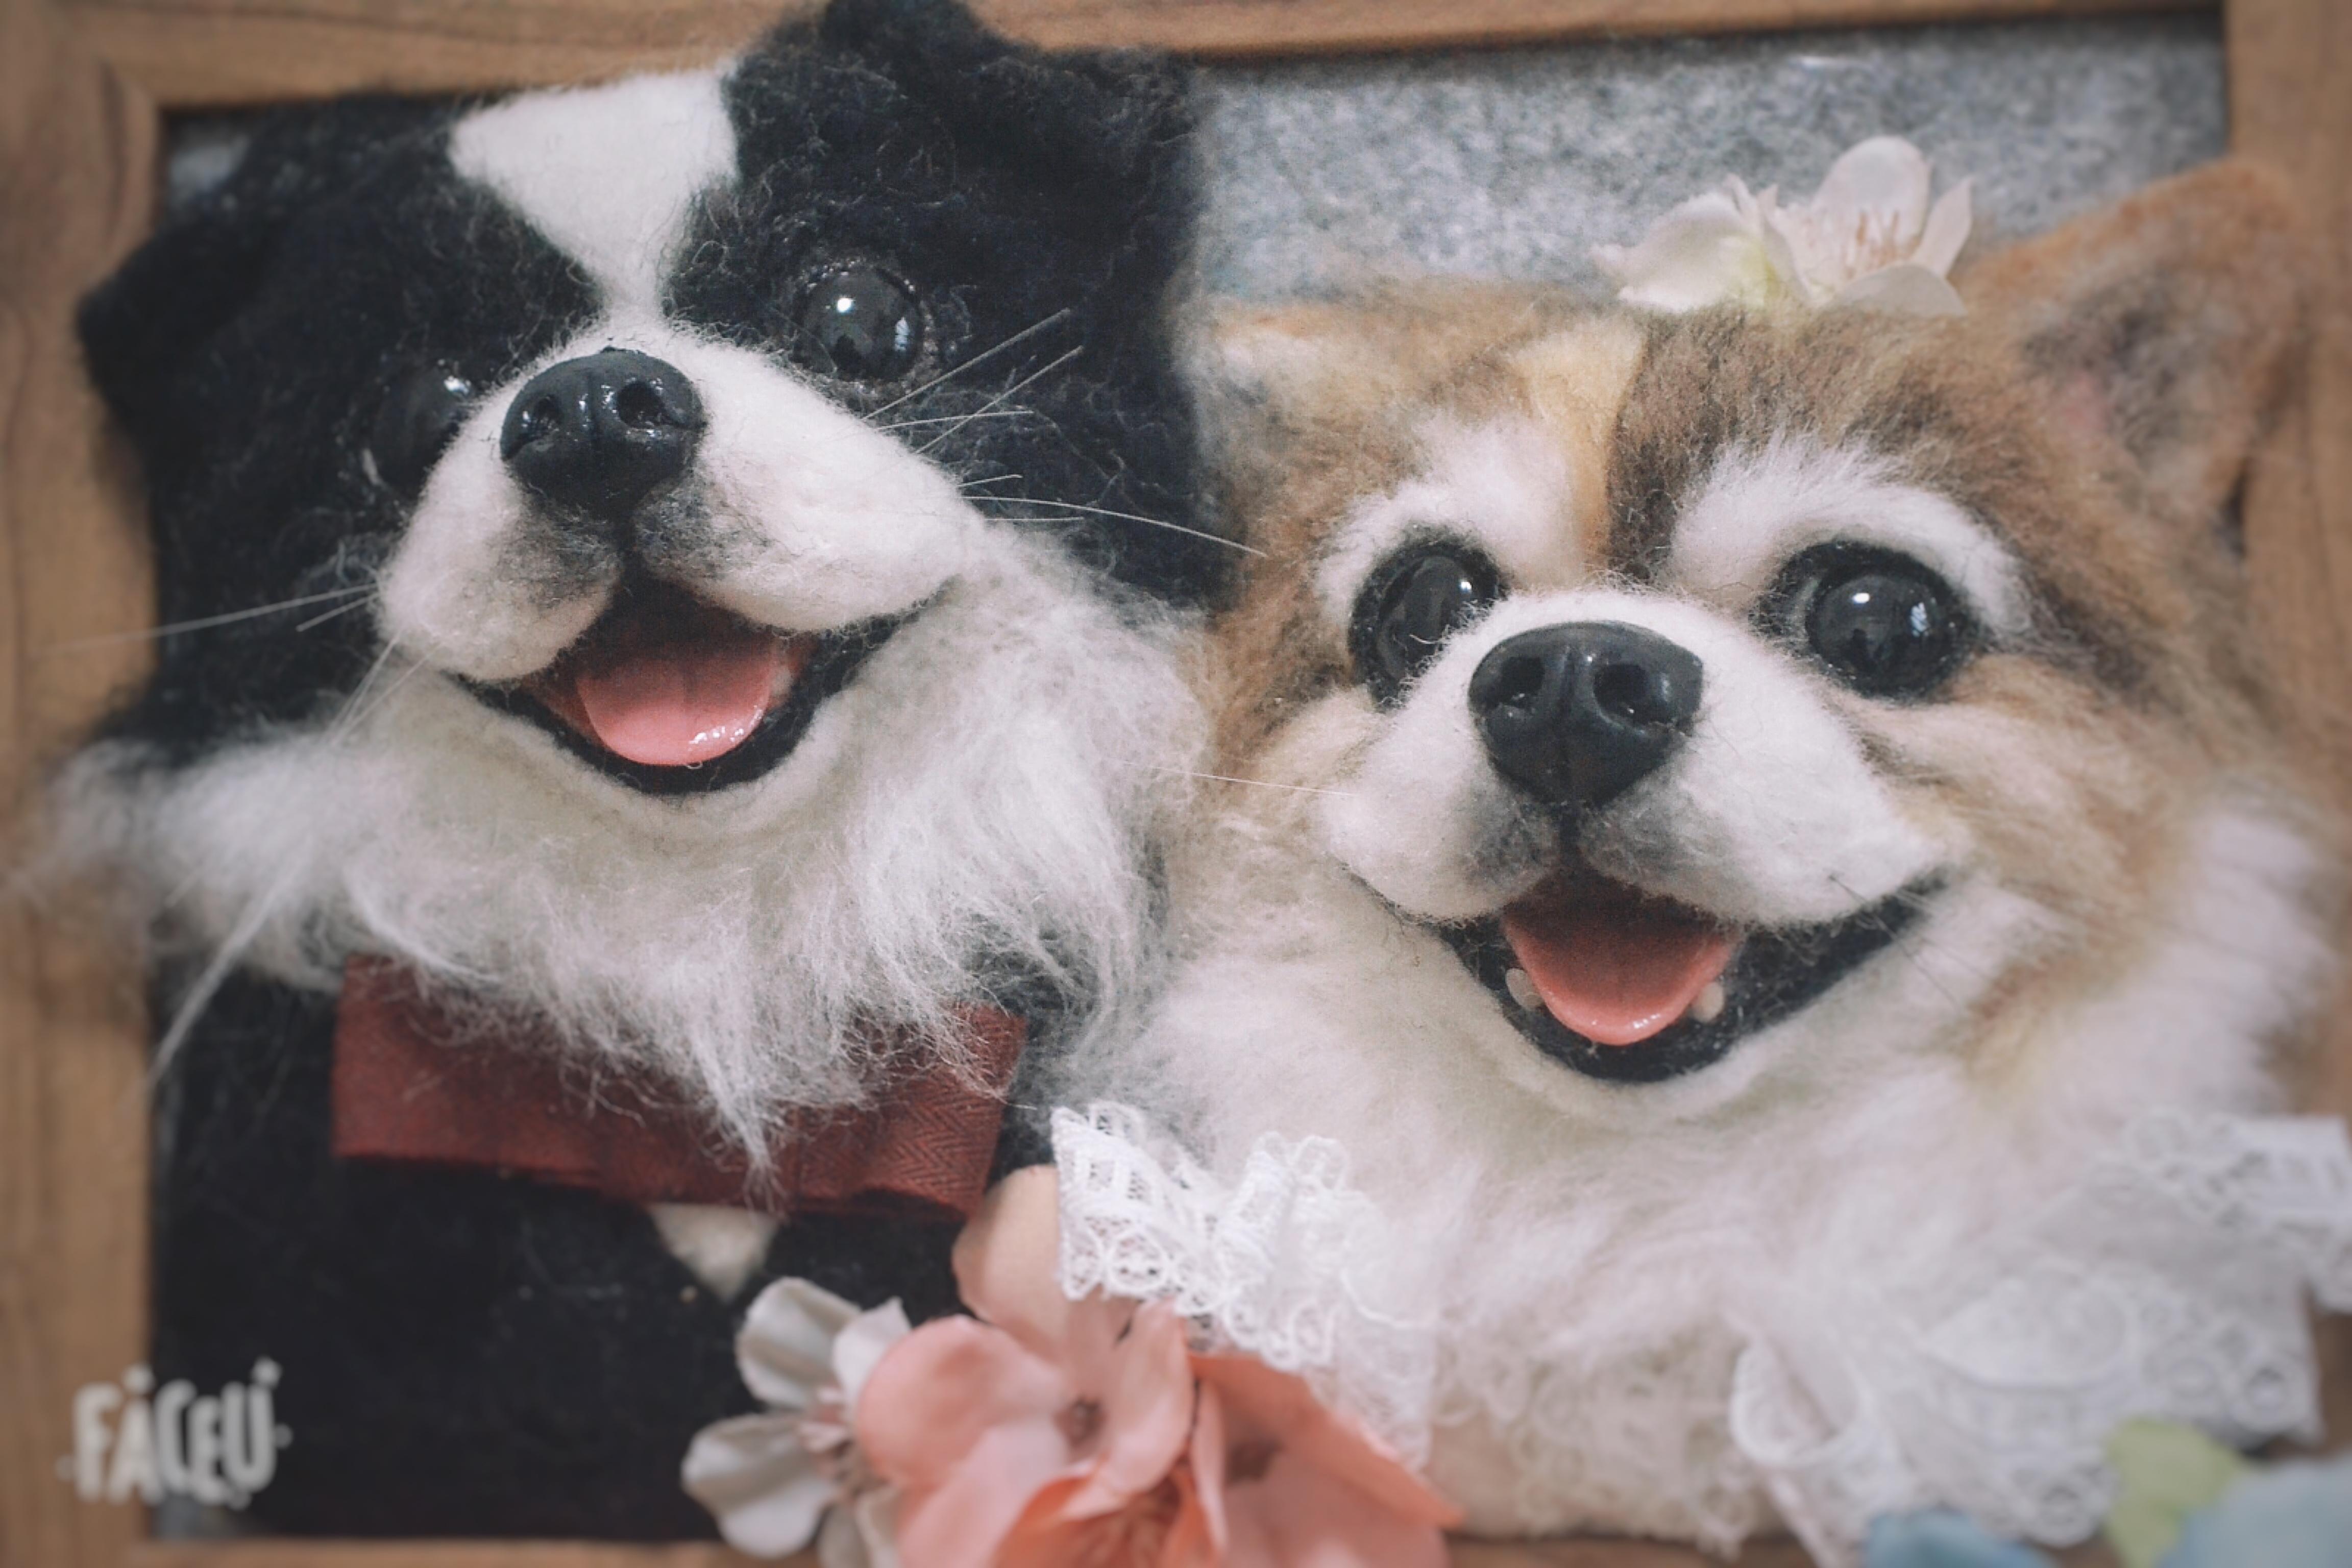 包邮羊毛毡手作照片立体仿真宠物狗猫生日纪念创意礼物定制相框